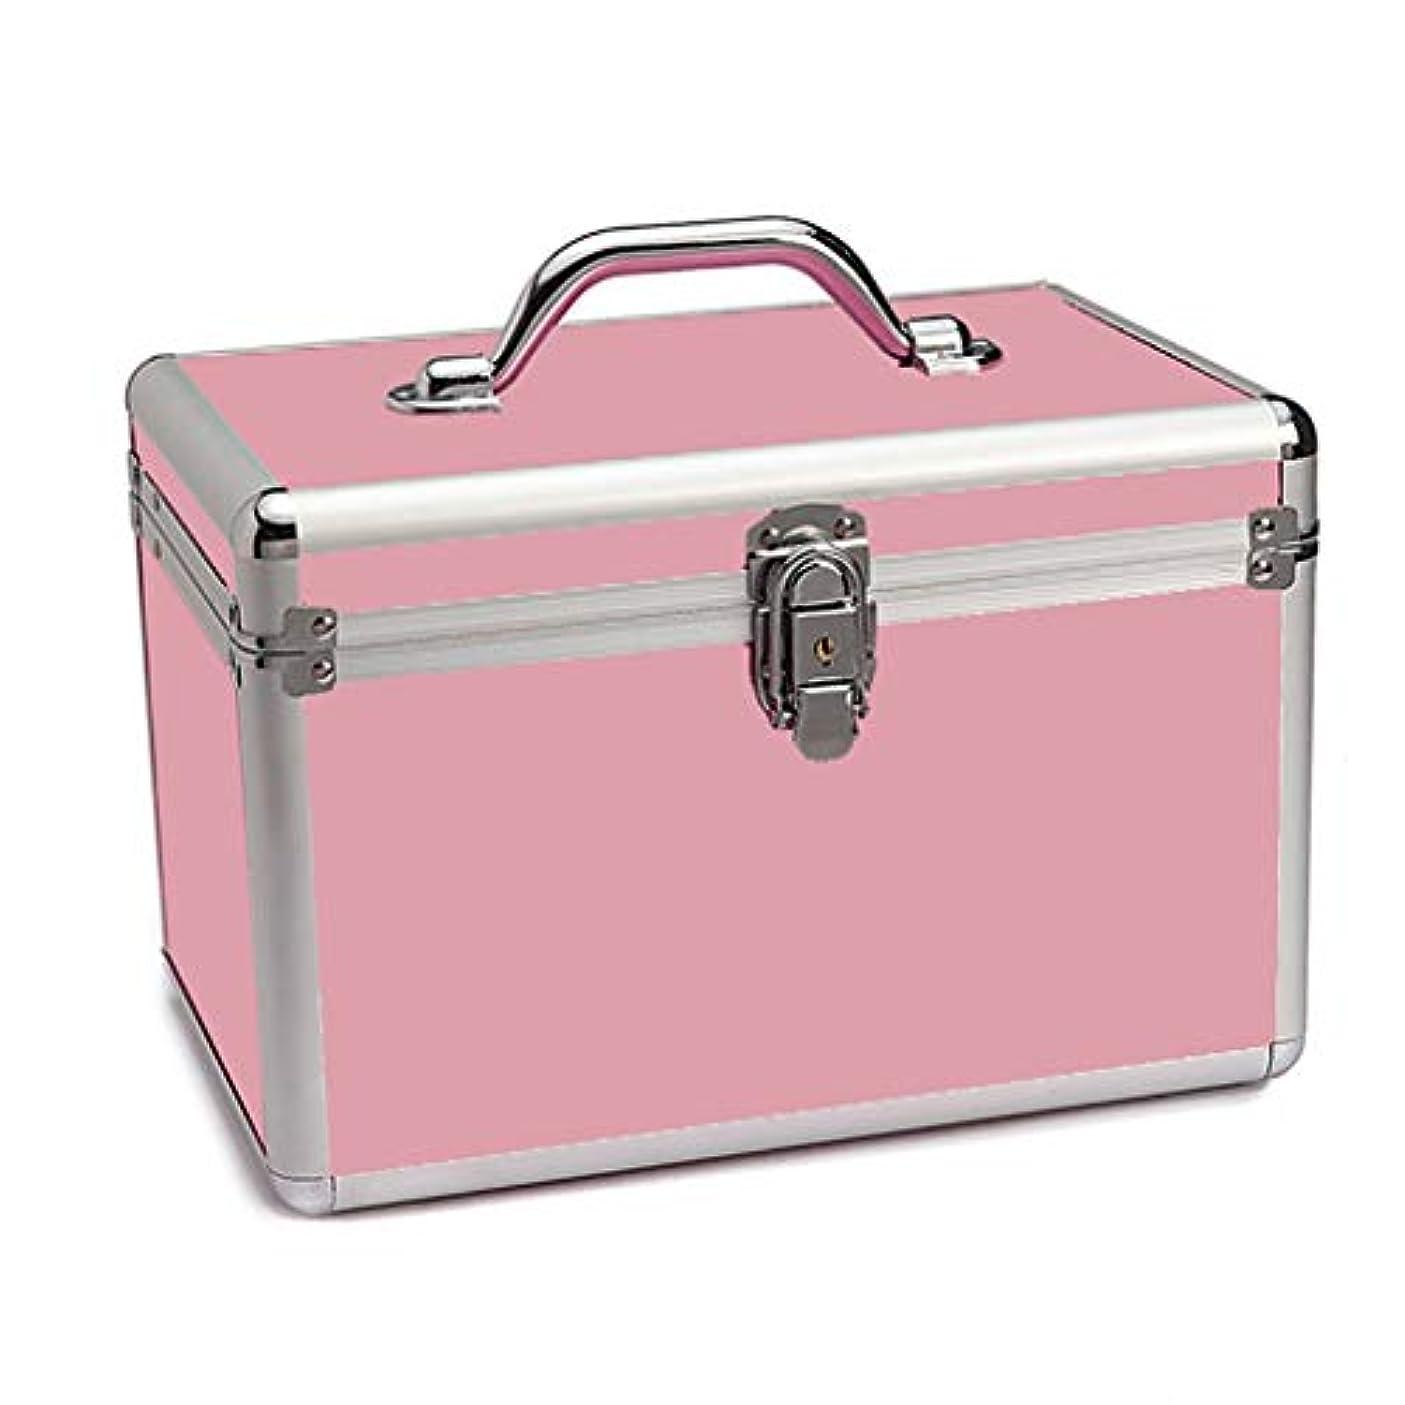 永遠の欠如中世のメイクボックス ミラー付き メイクポーチ トラベルポーチ コスメ収納ポッチ 洗面用具入れ 収納バッグ おしゃれ 小物整理 超軽量 出張用 旅行用 化粧ケース 携帯易い 取っ手付き